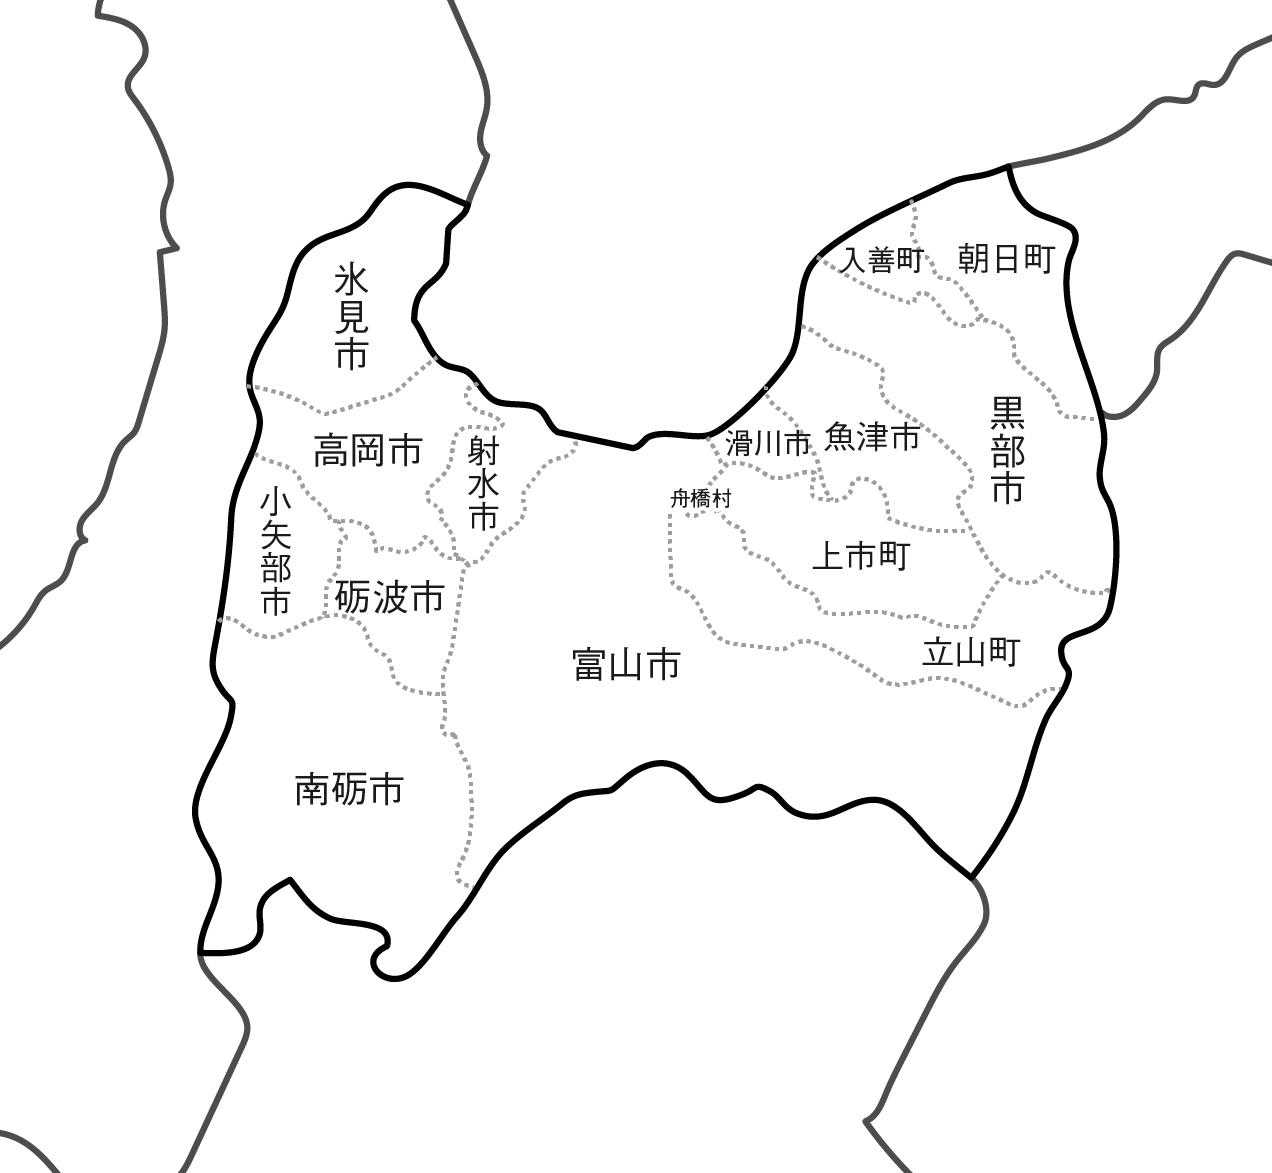 [白地図]富山県・ラインあり・市区町村名あり・隣県あり